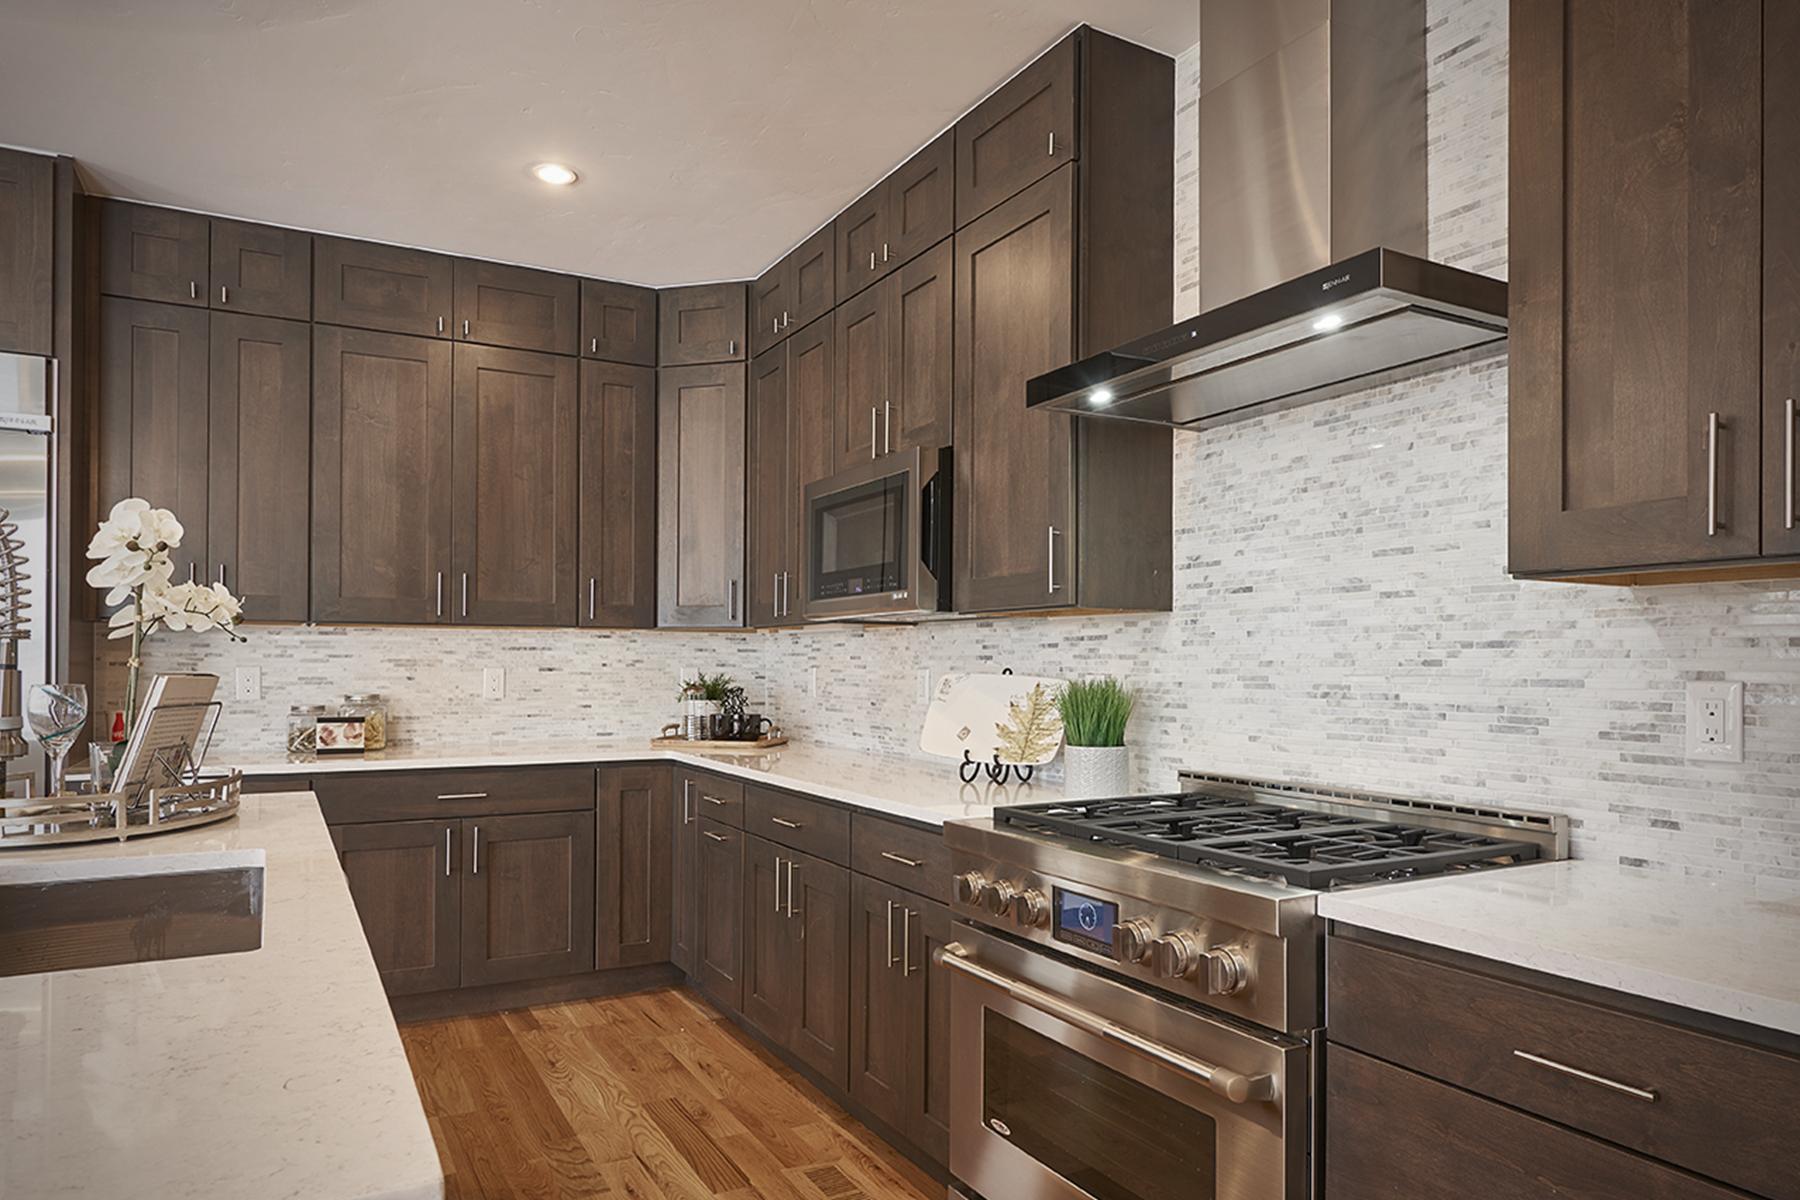 frontier-kitchen3.jpg